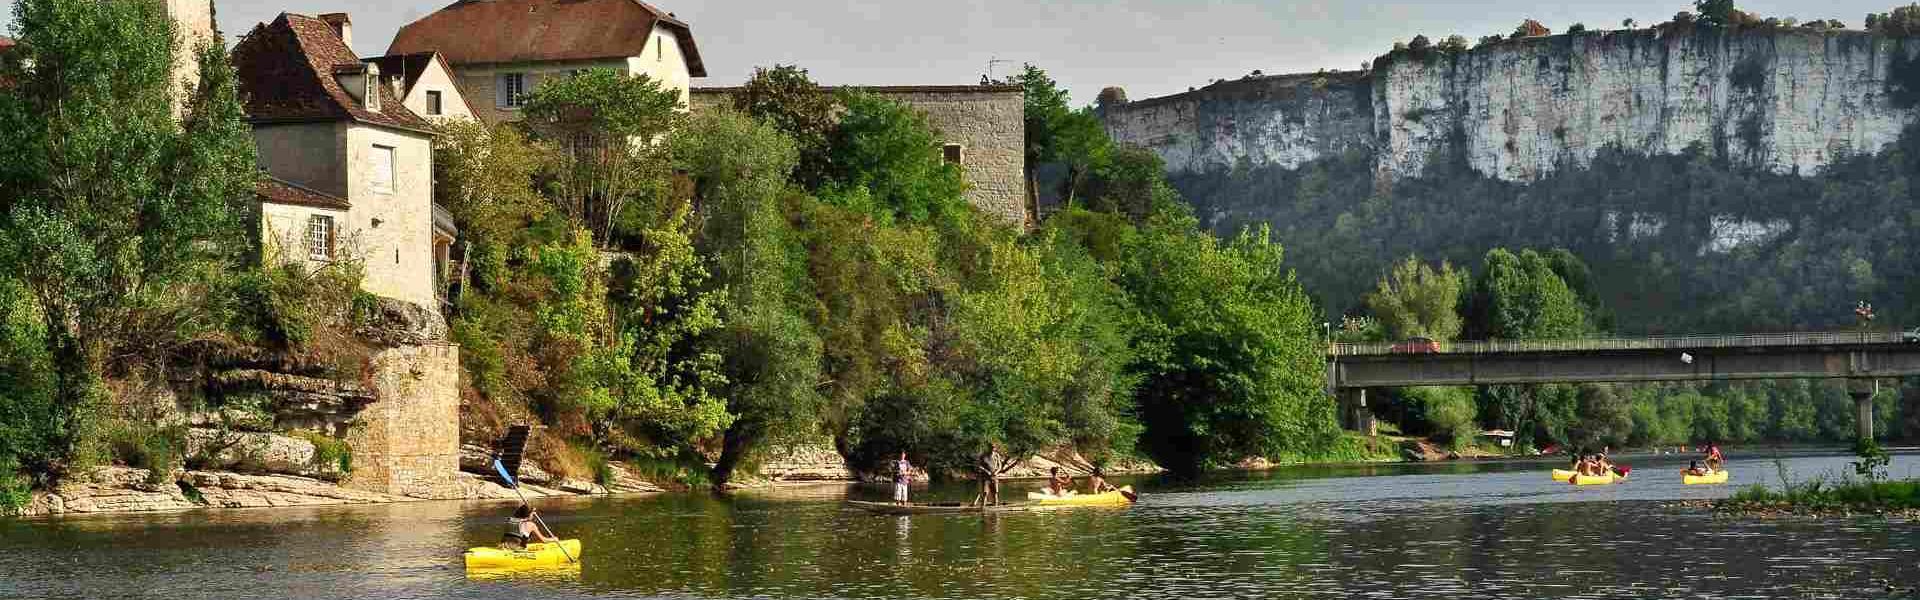 Canoe? a? Meyronne @Lot Tourisme